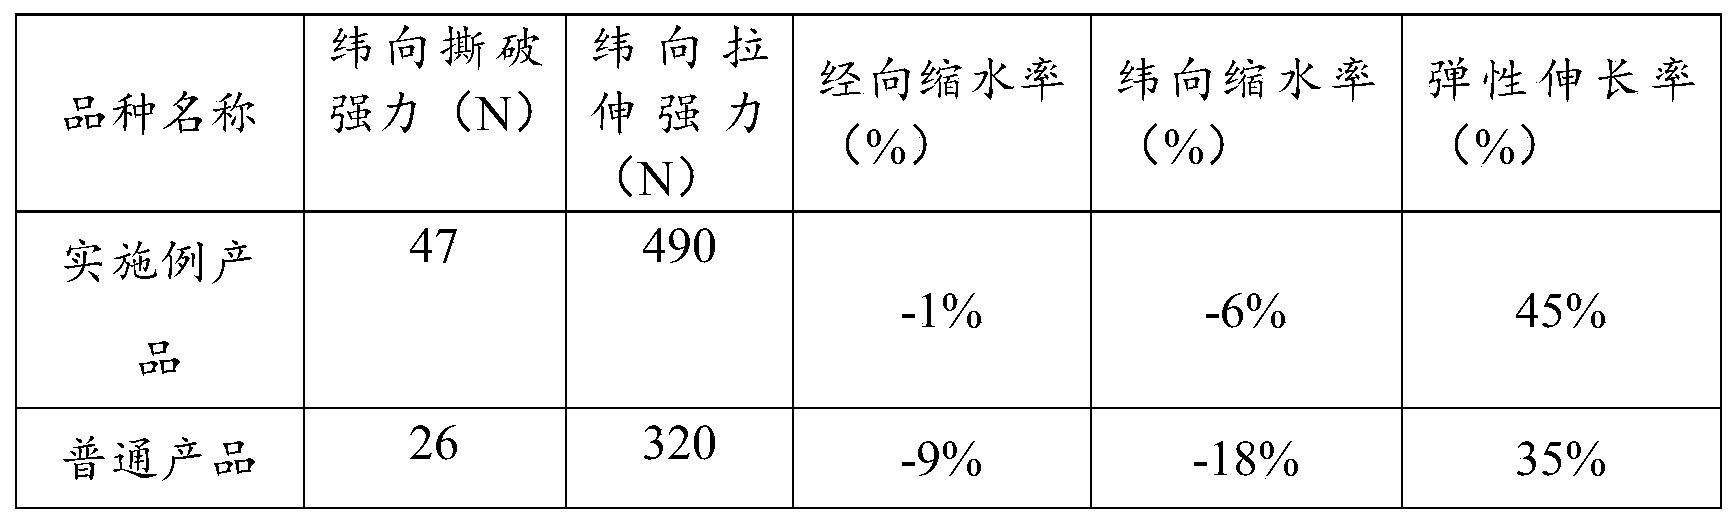 Figure PCTCN2019078519-appb-000009